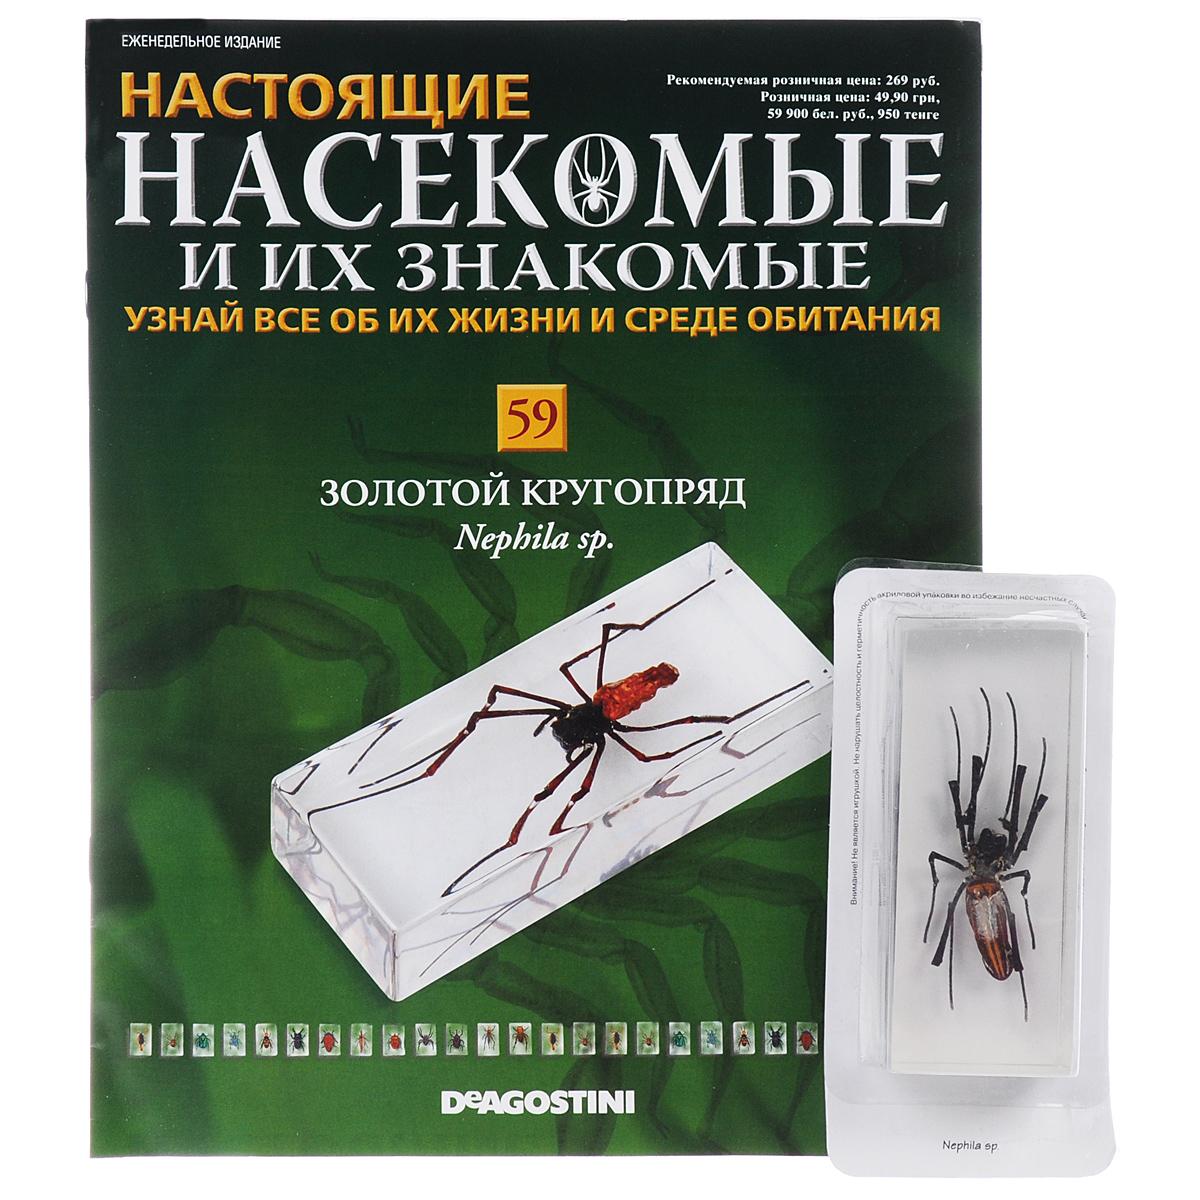 насекомые и их знакомые купить в украине